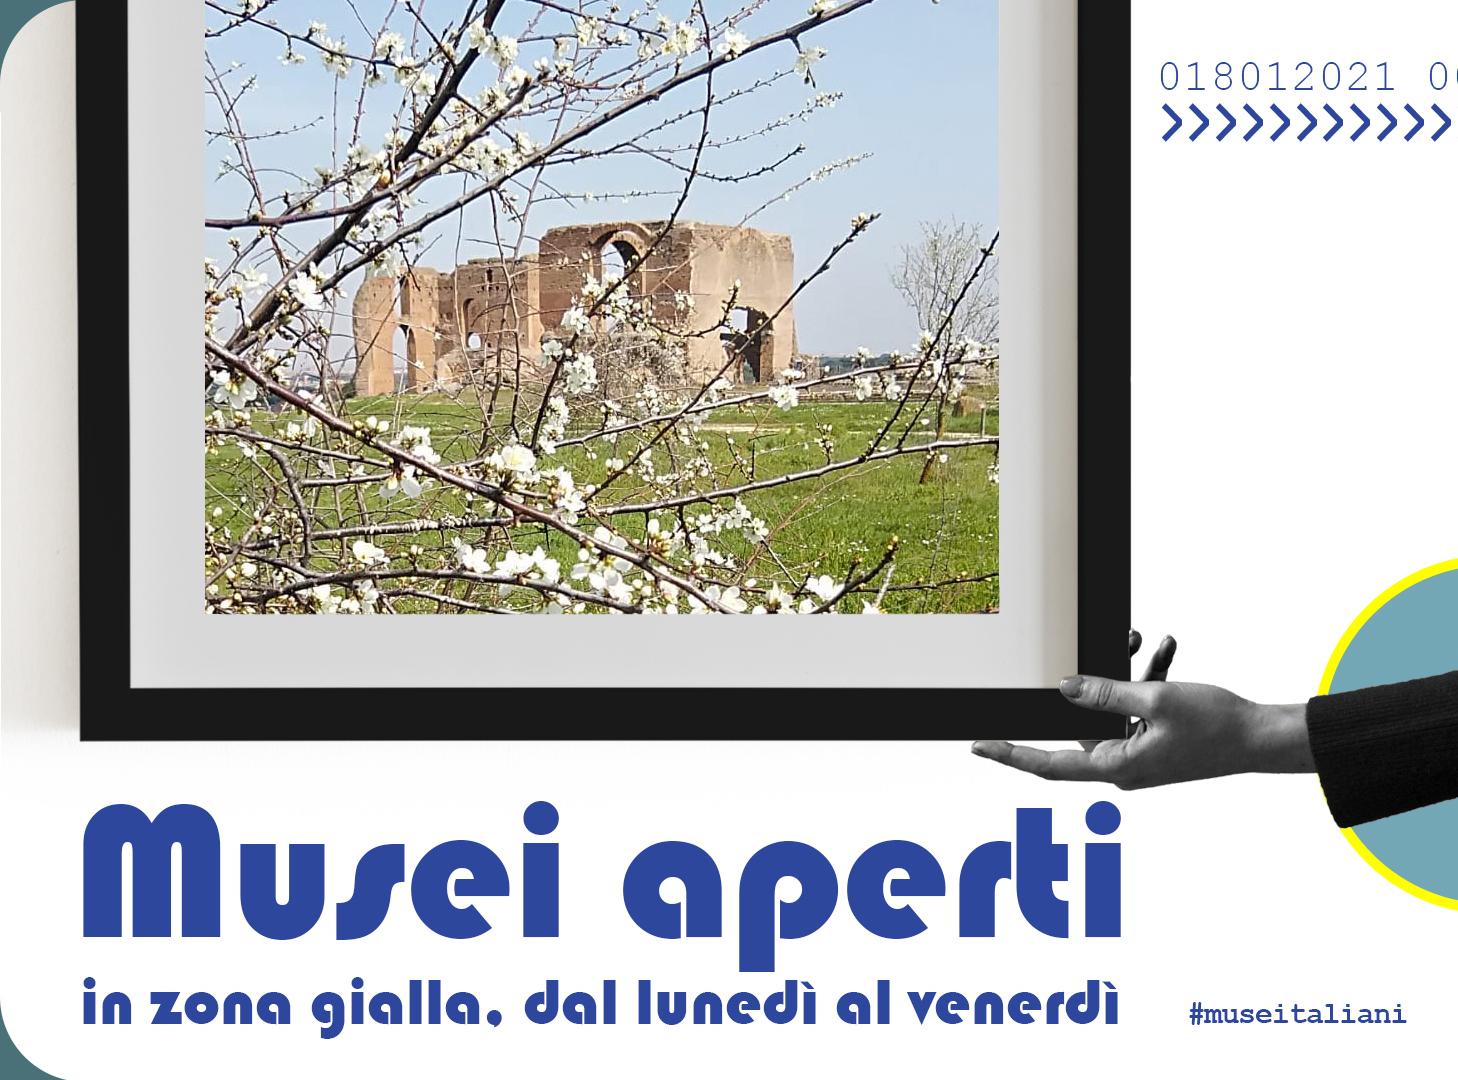 Lunedì 1° marzo riaprono tutti i siti del Parco Archeologico dell'Appia Antica